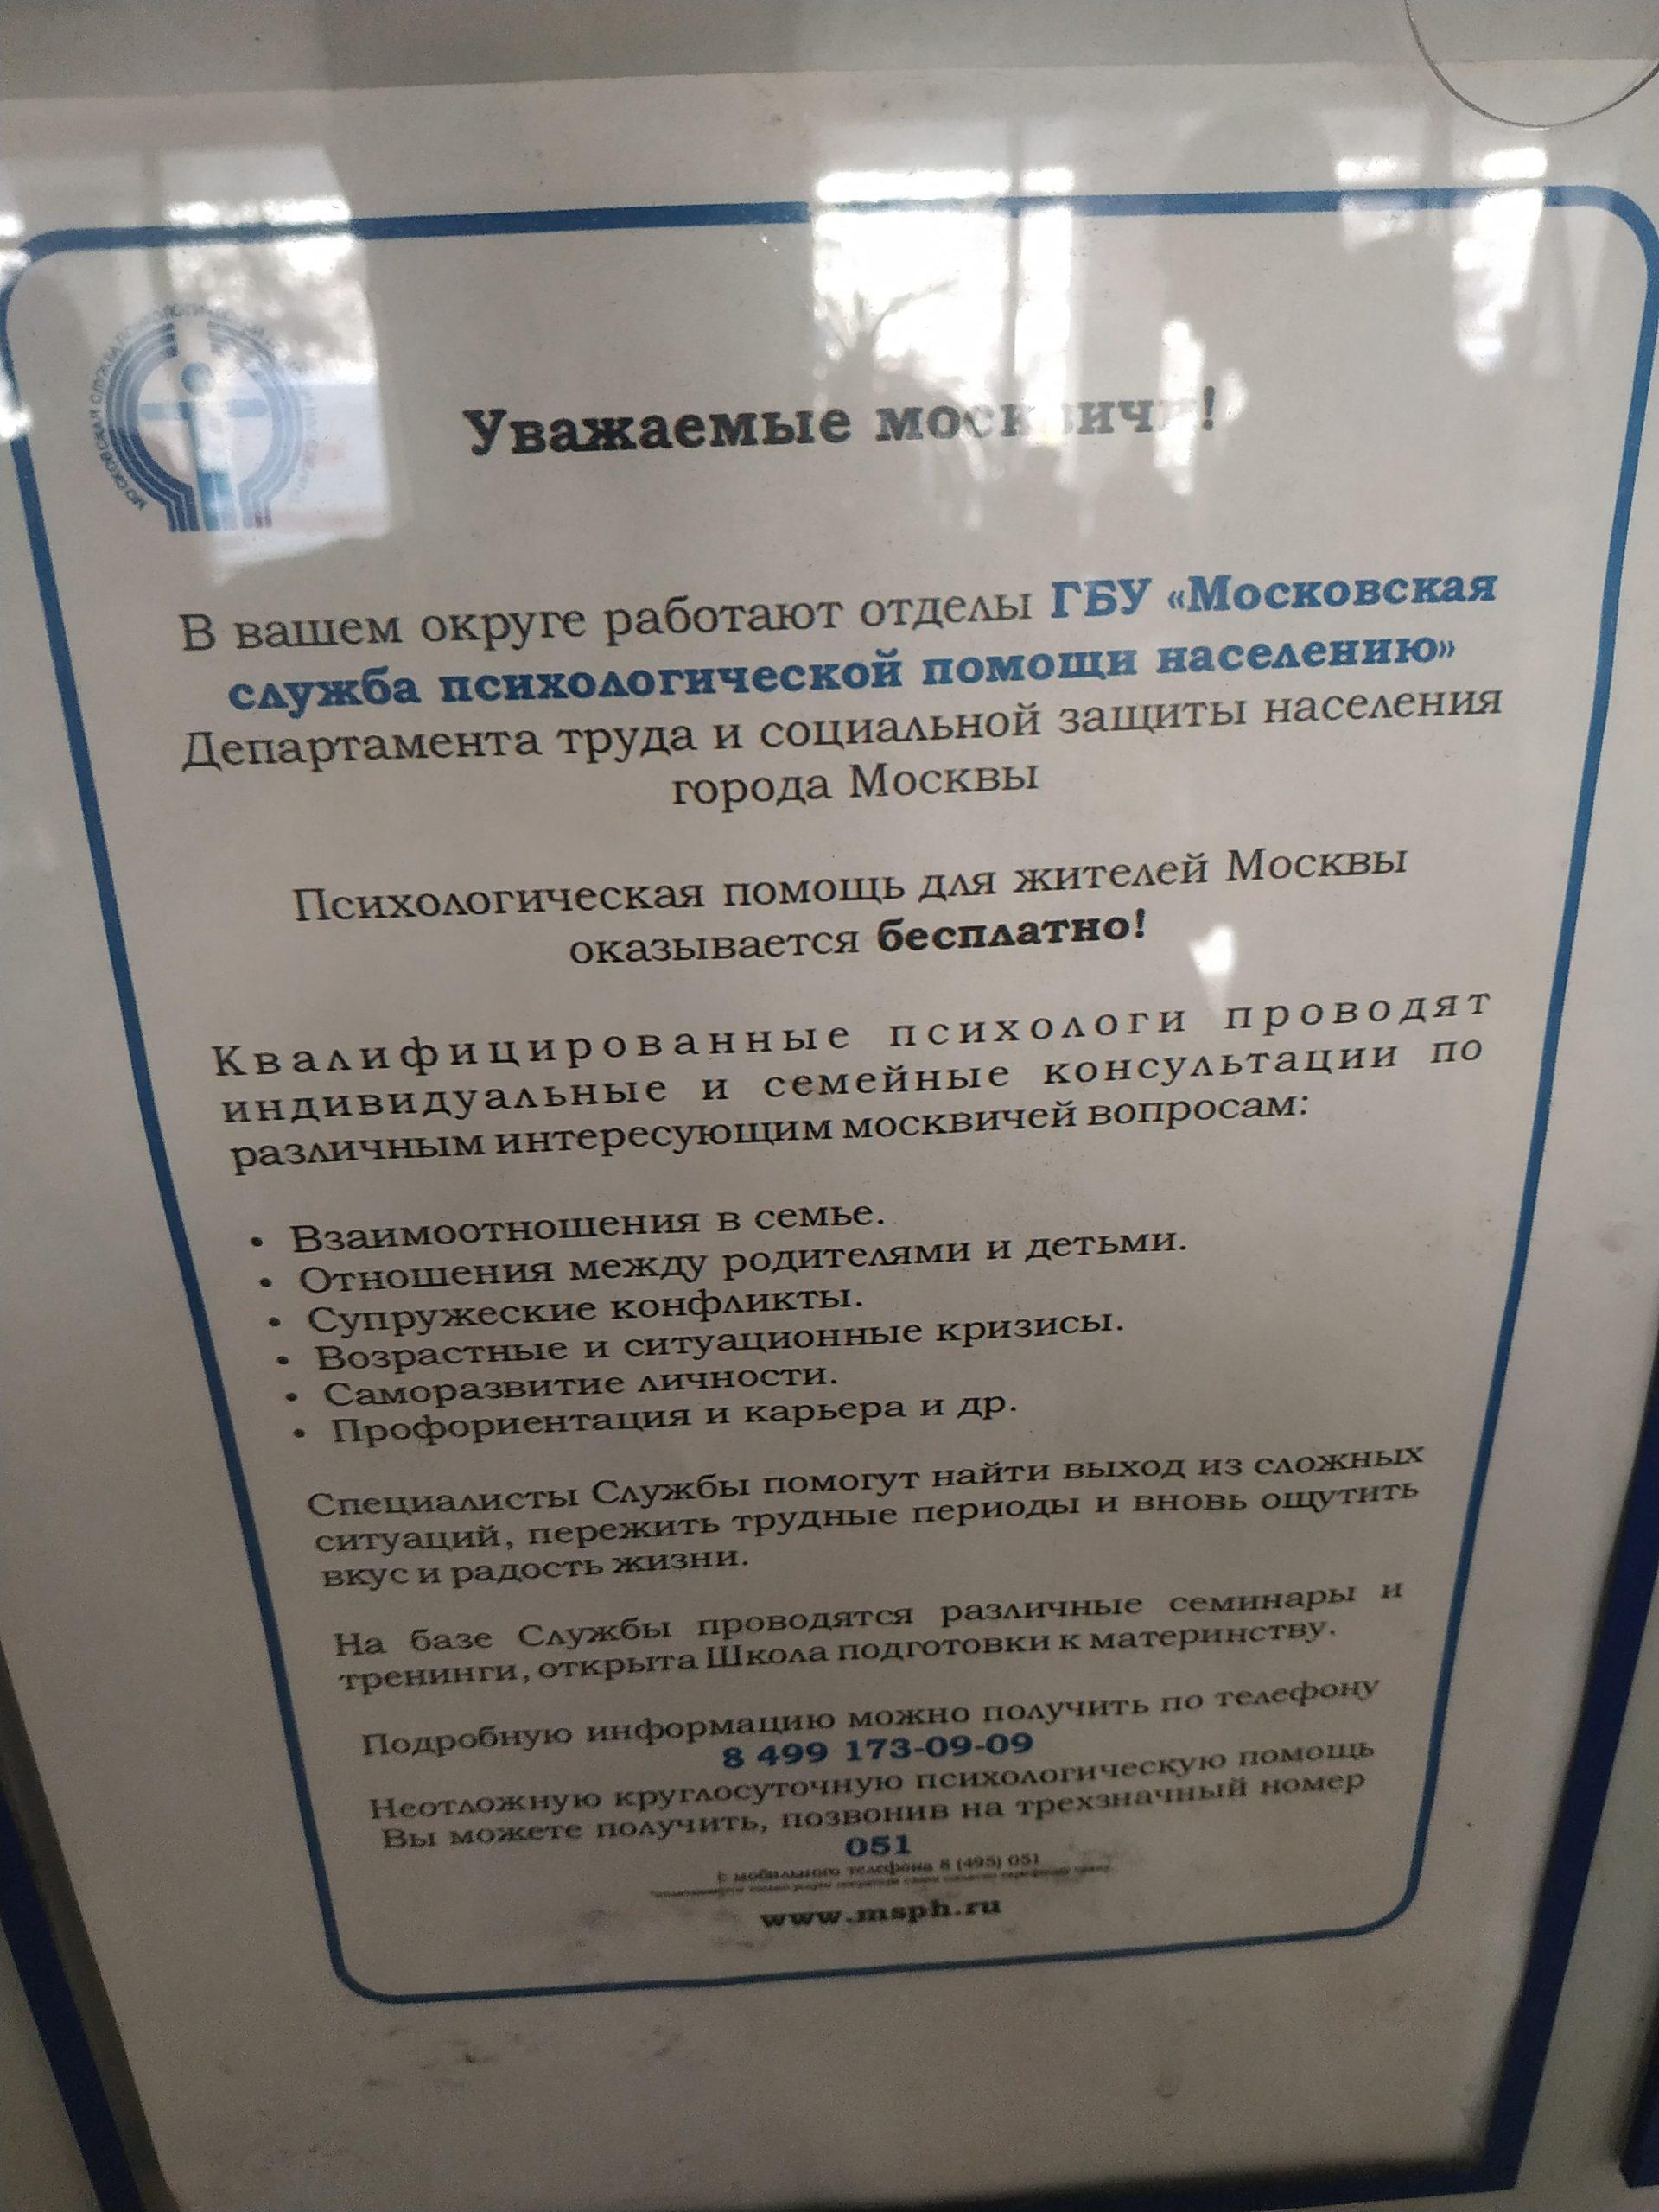 besplatniy-psiholog-moskva